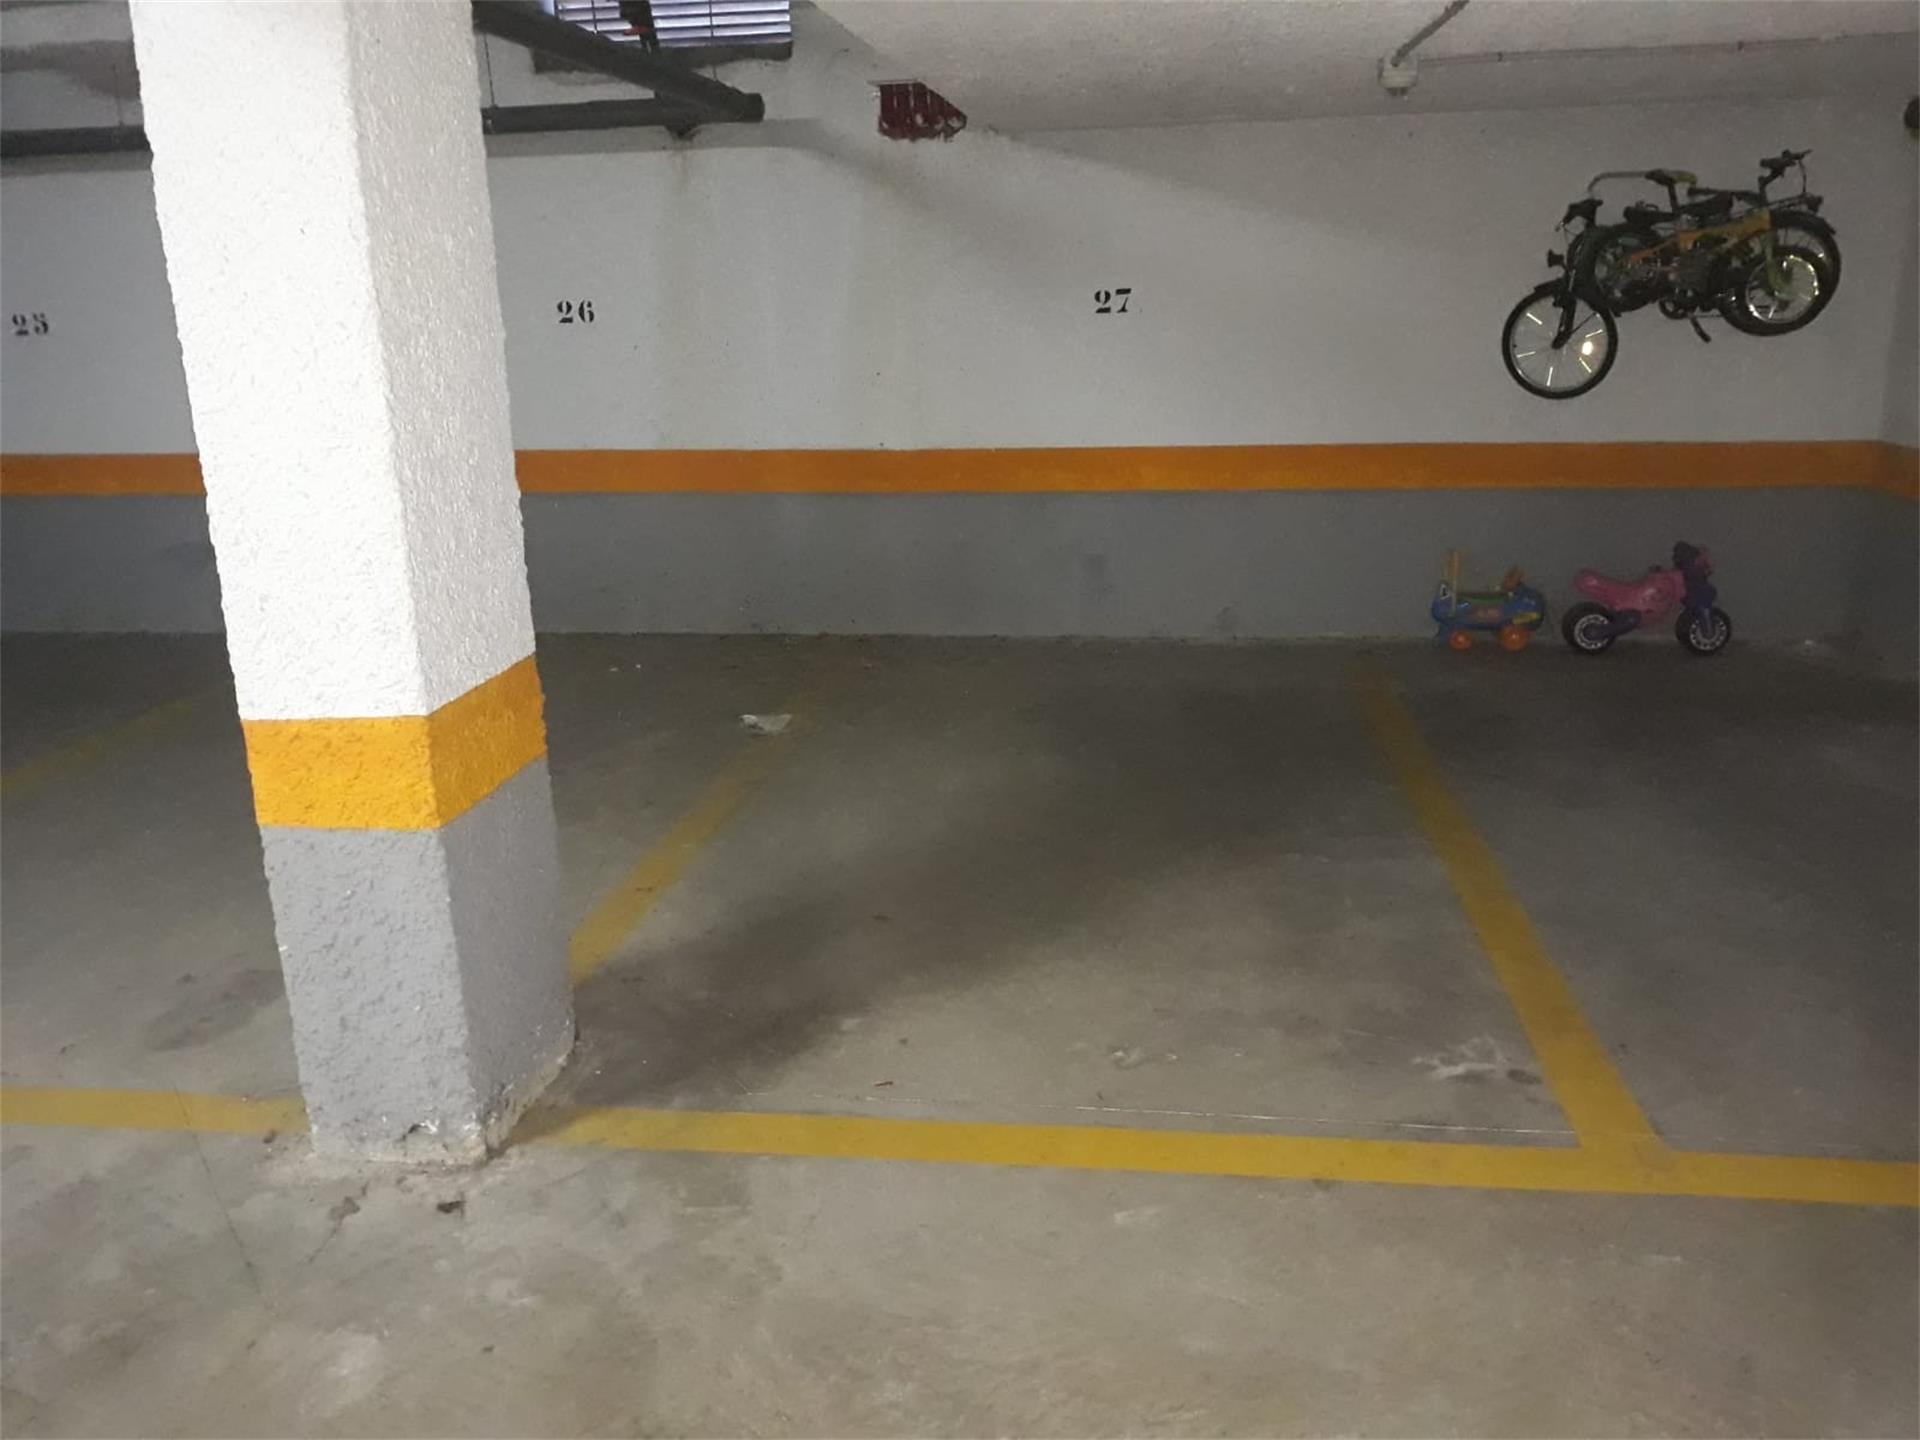 Car parking  Calle de valencia. Albalat dels sorells / calle de valencia